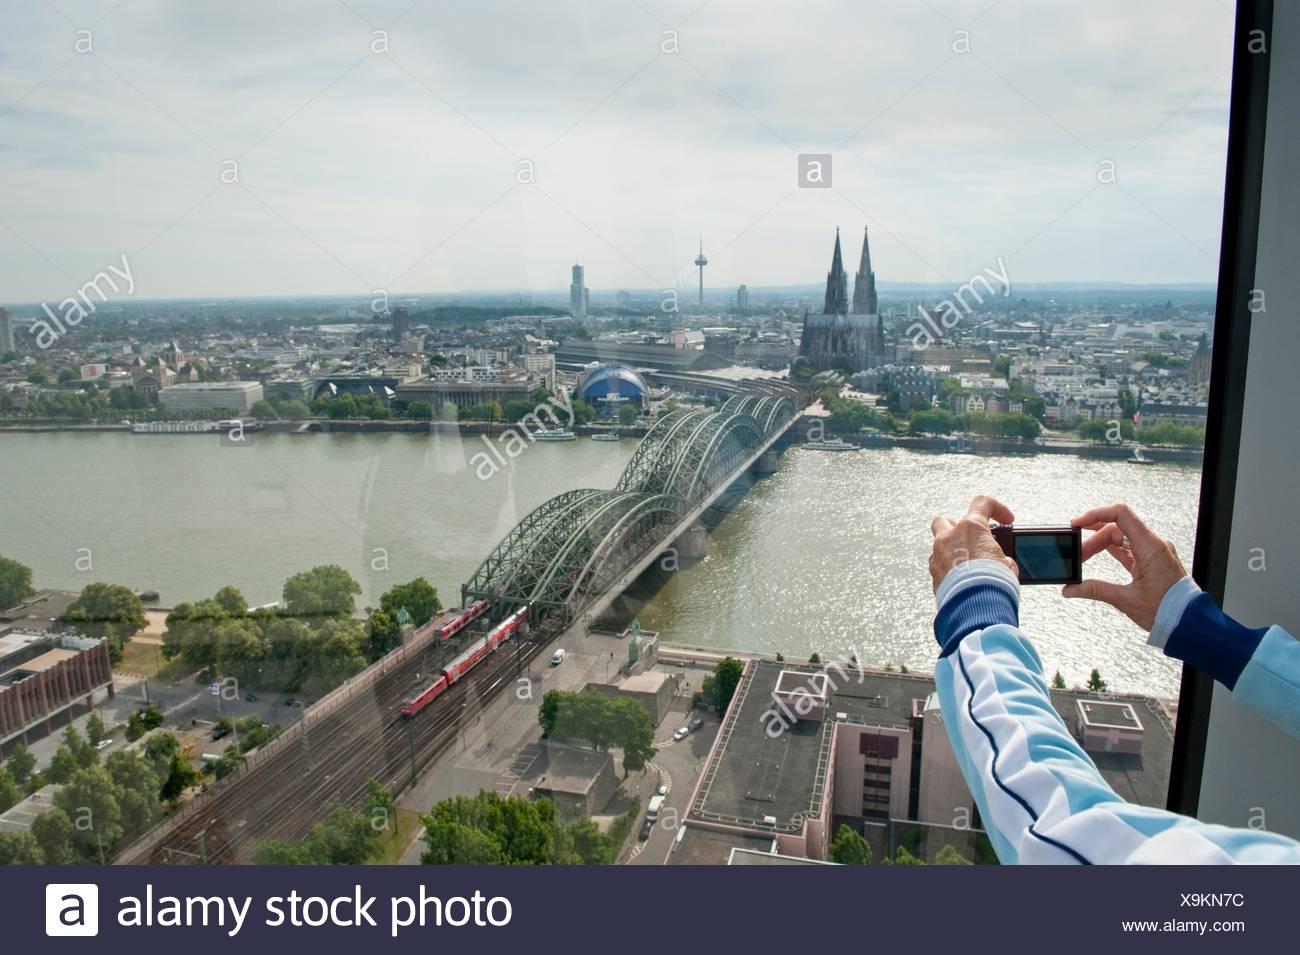 person fotografieren koln von oben north rhine westphalia germany